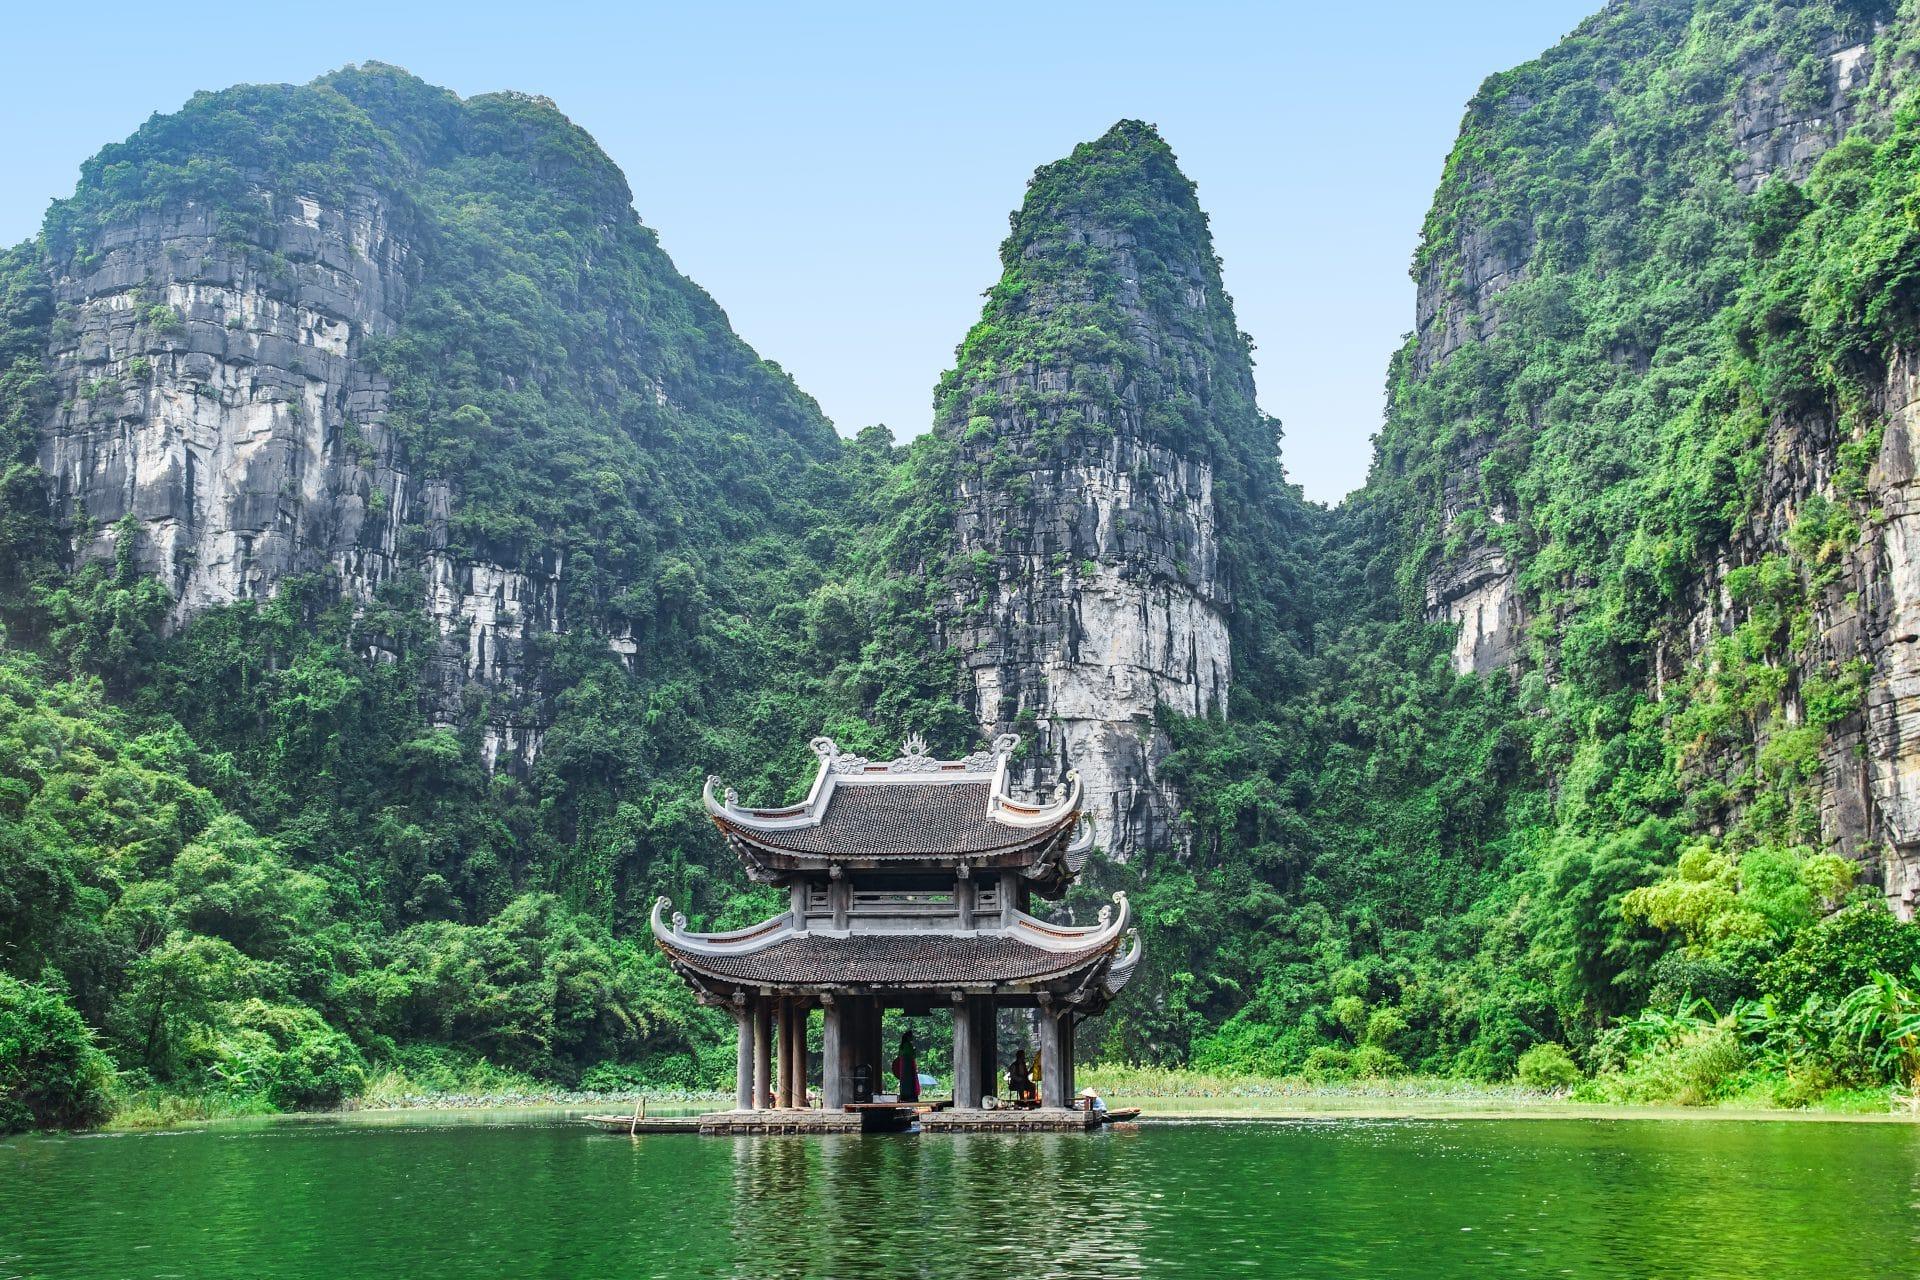 Lịch trình du lịch Ninh Bình tự túc 3N2Đ - Baolau.vn